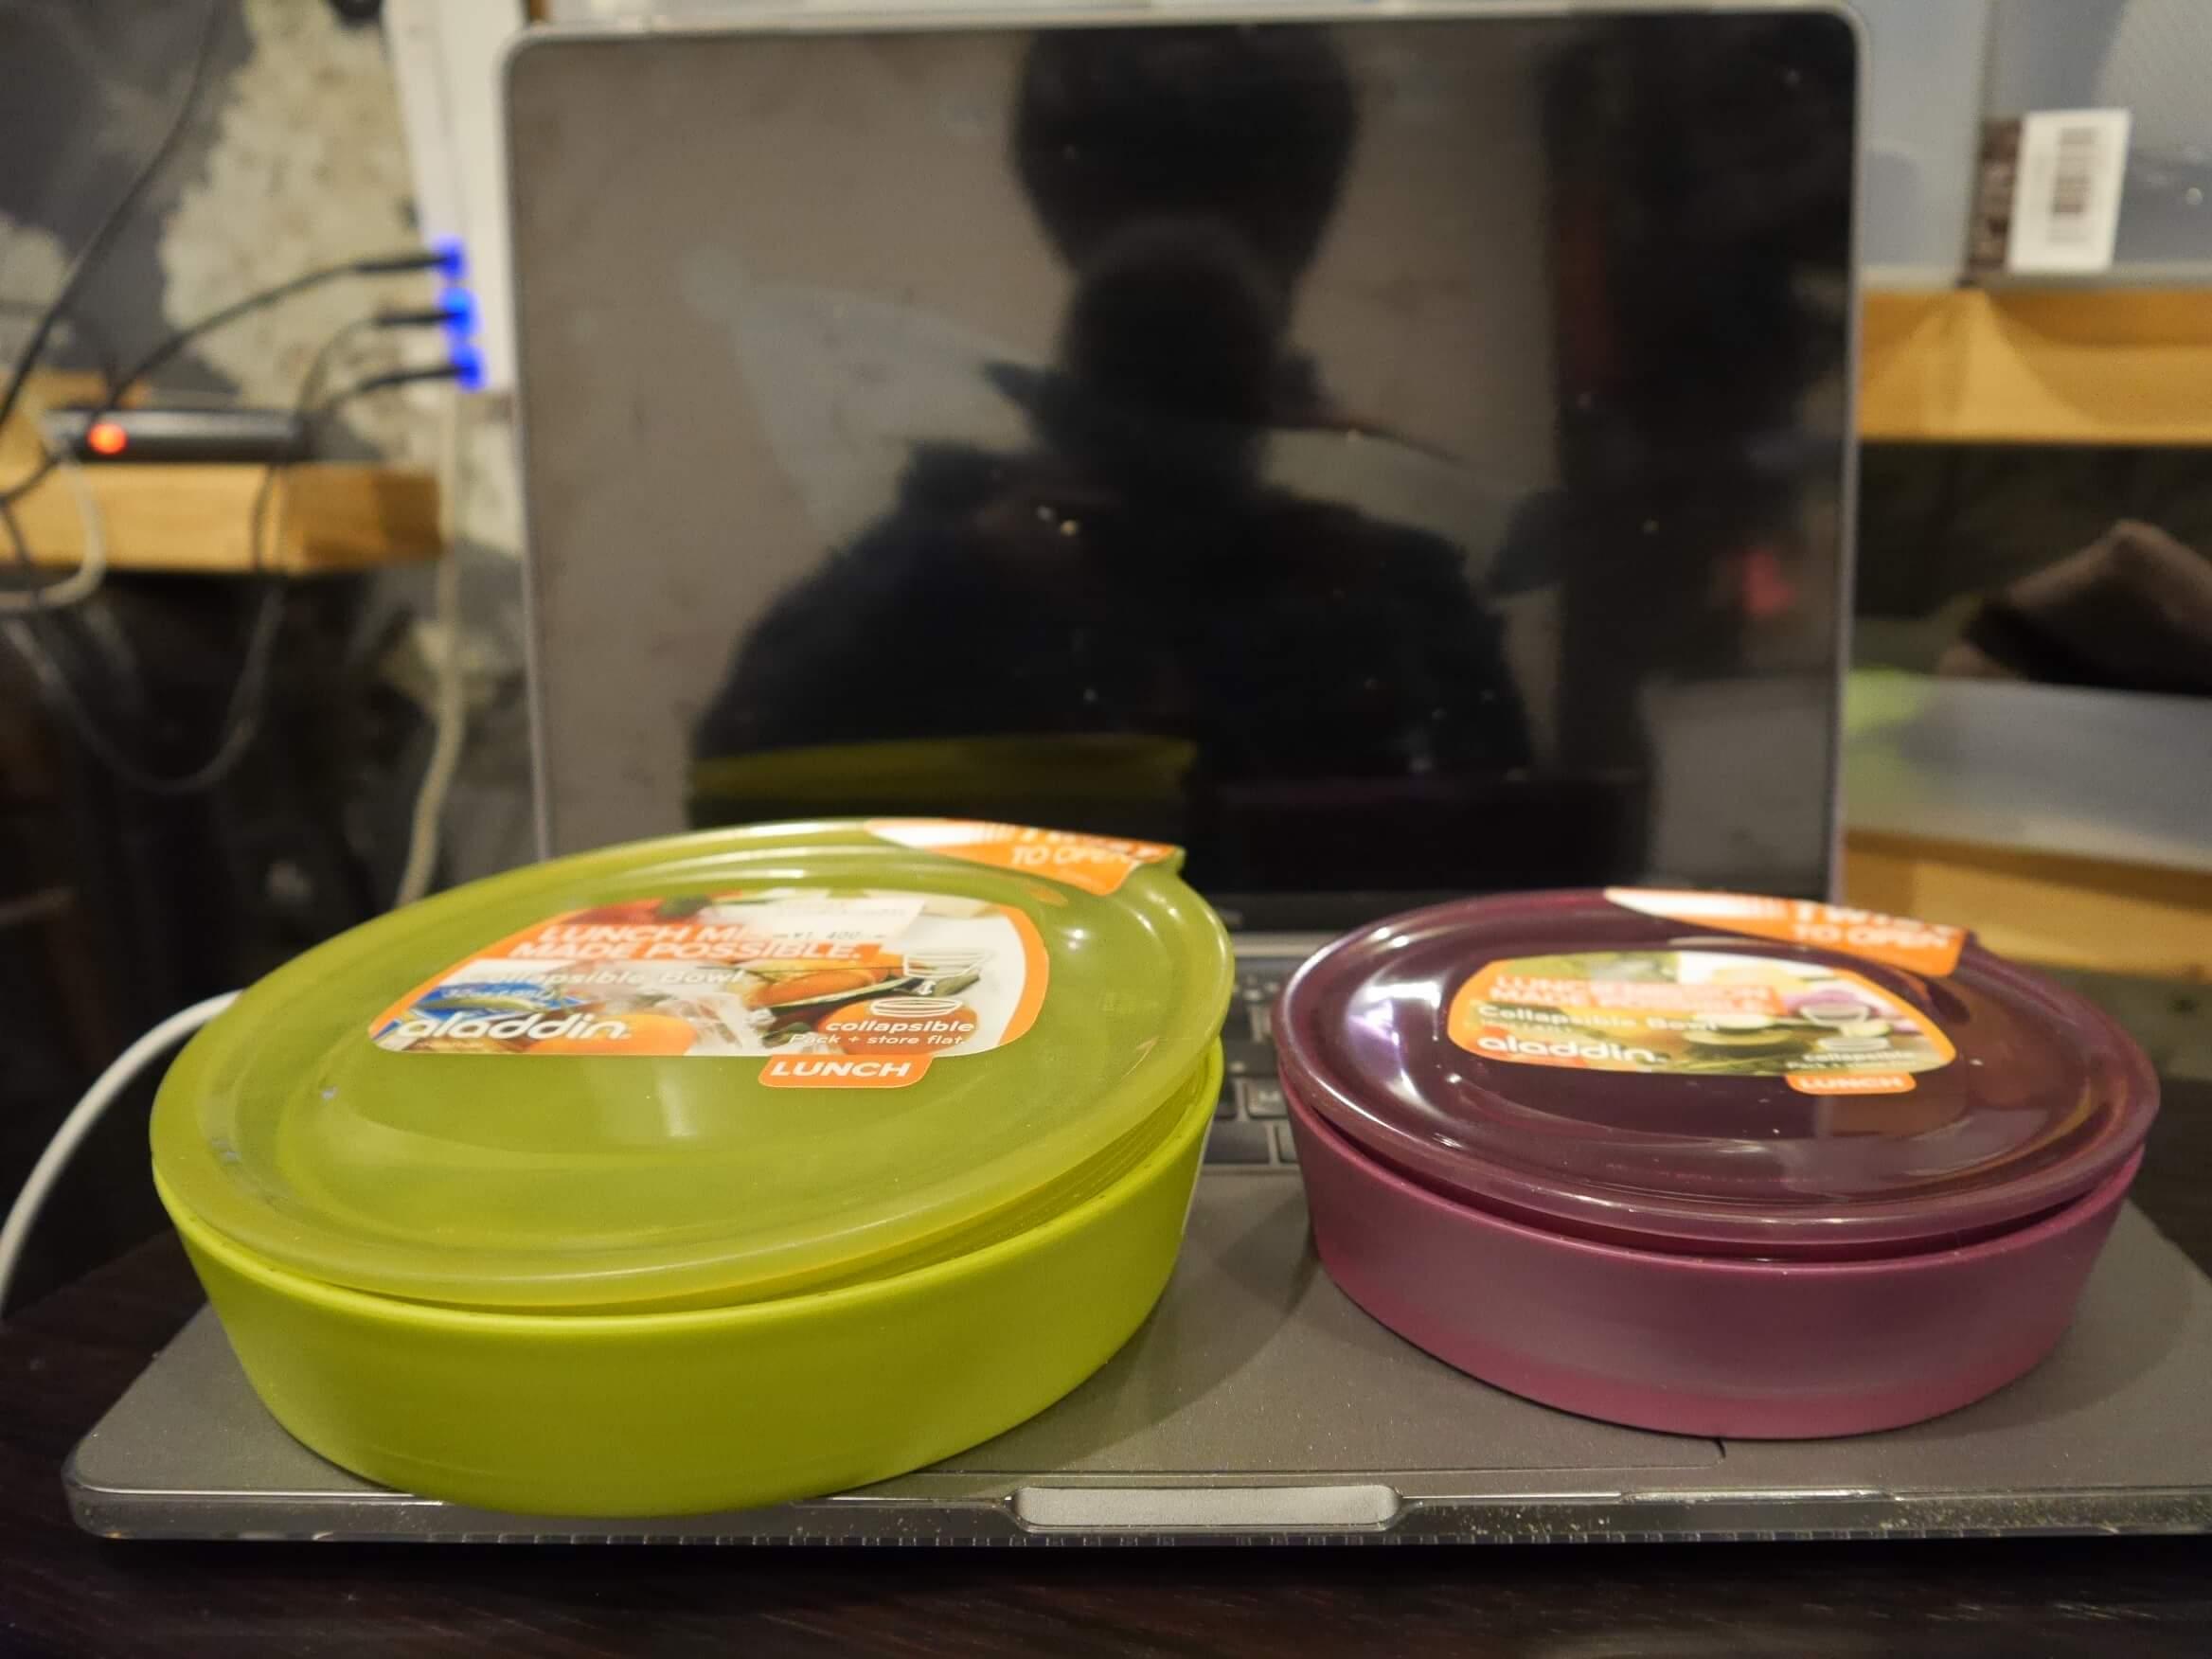 【アラジン アコーディオン コンテナ】モンベルの店舗で見つけた折り畳みの容器はとても便利